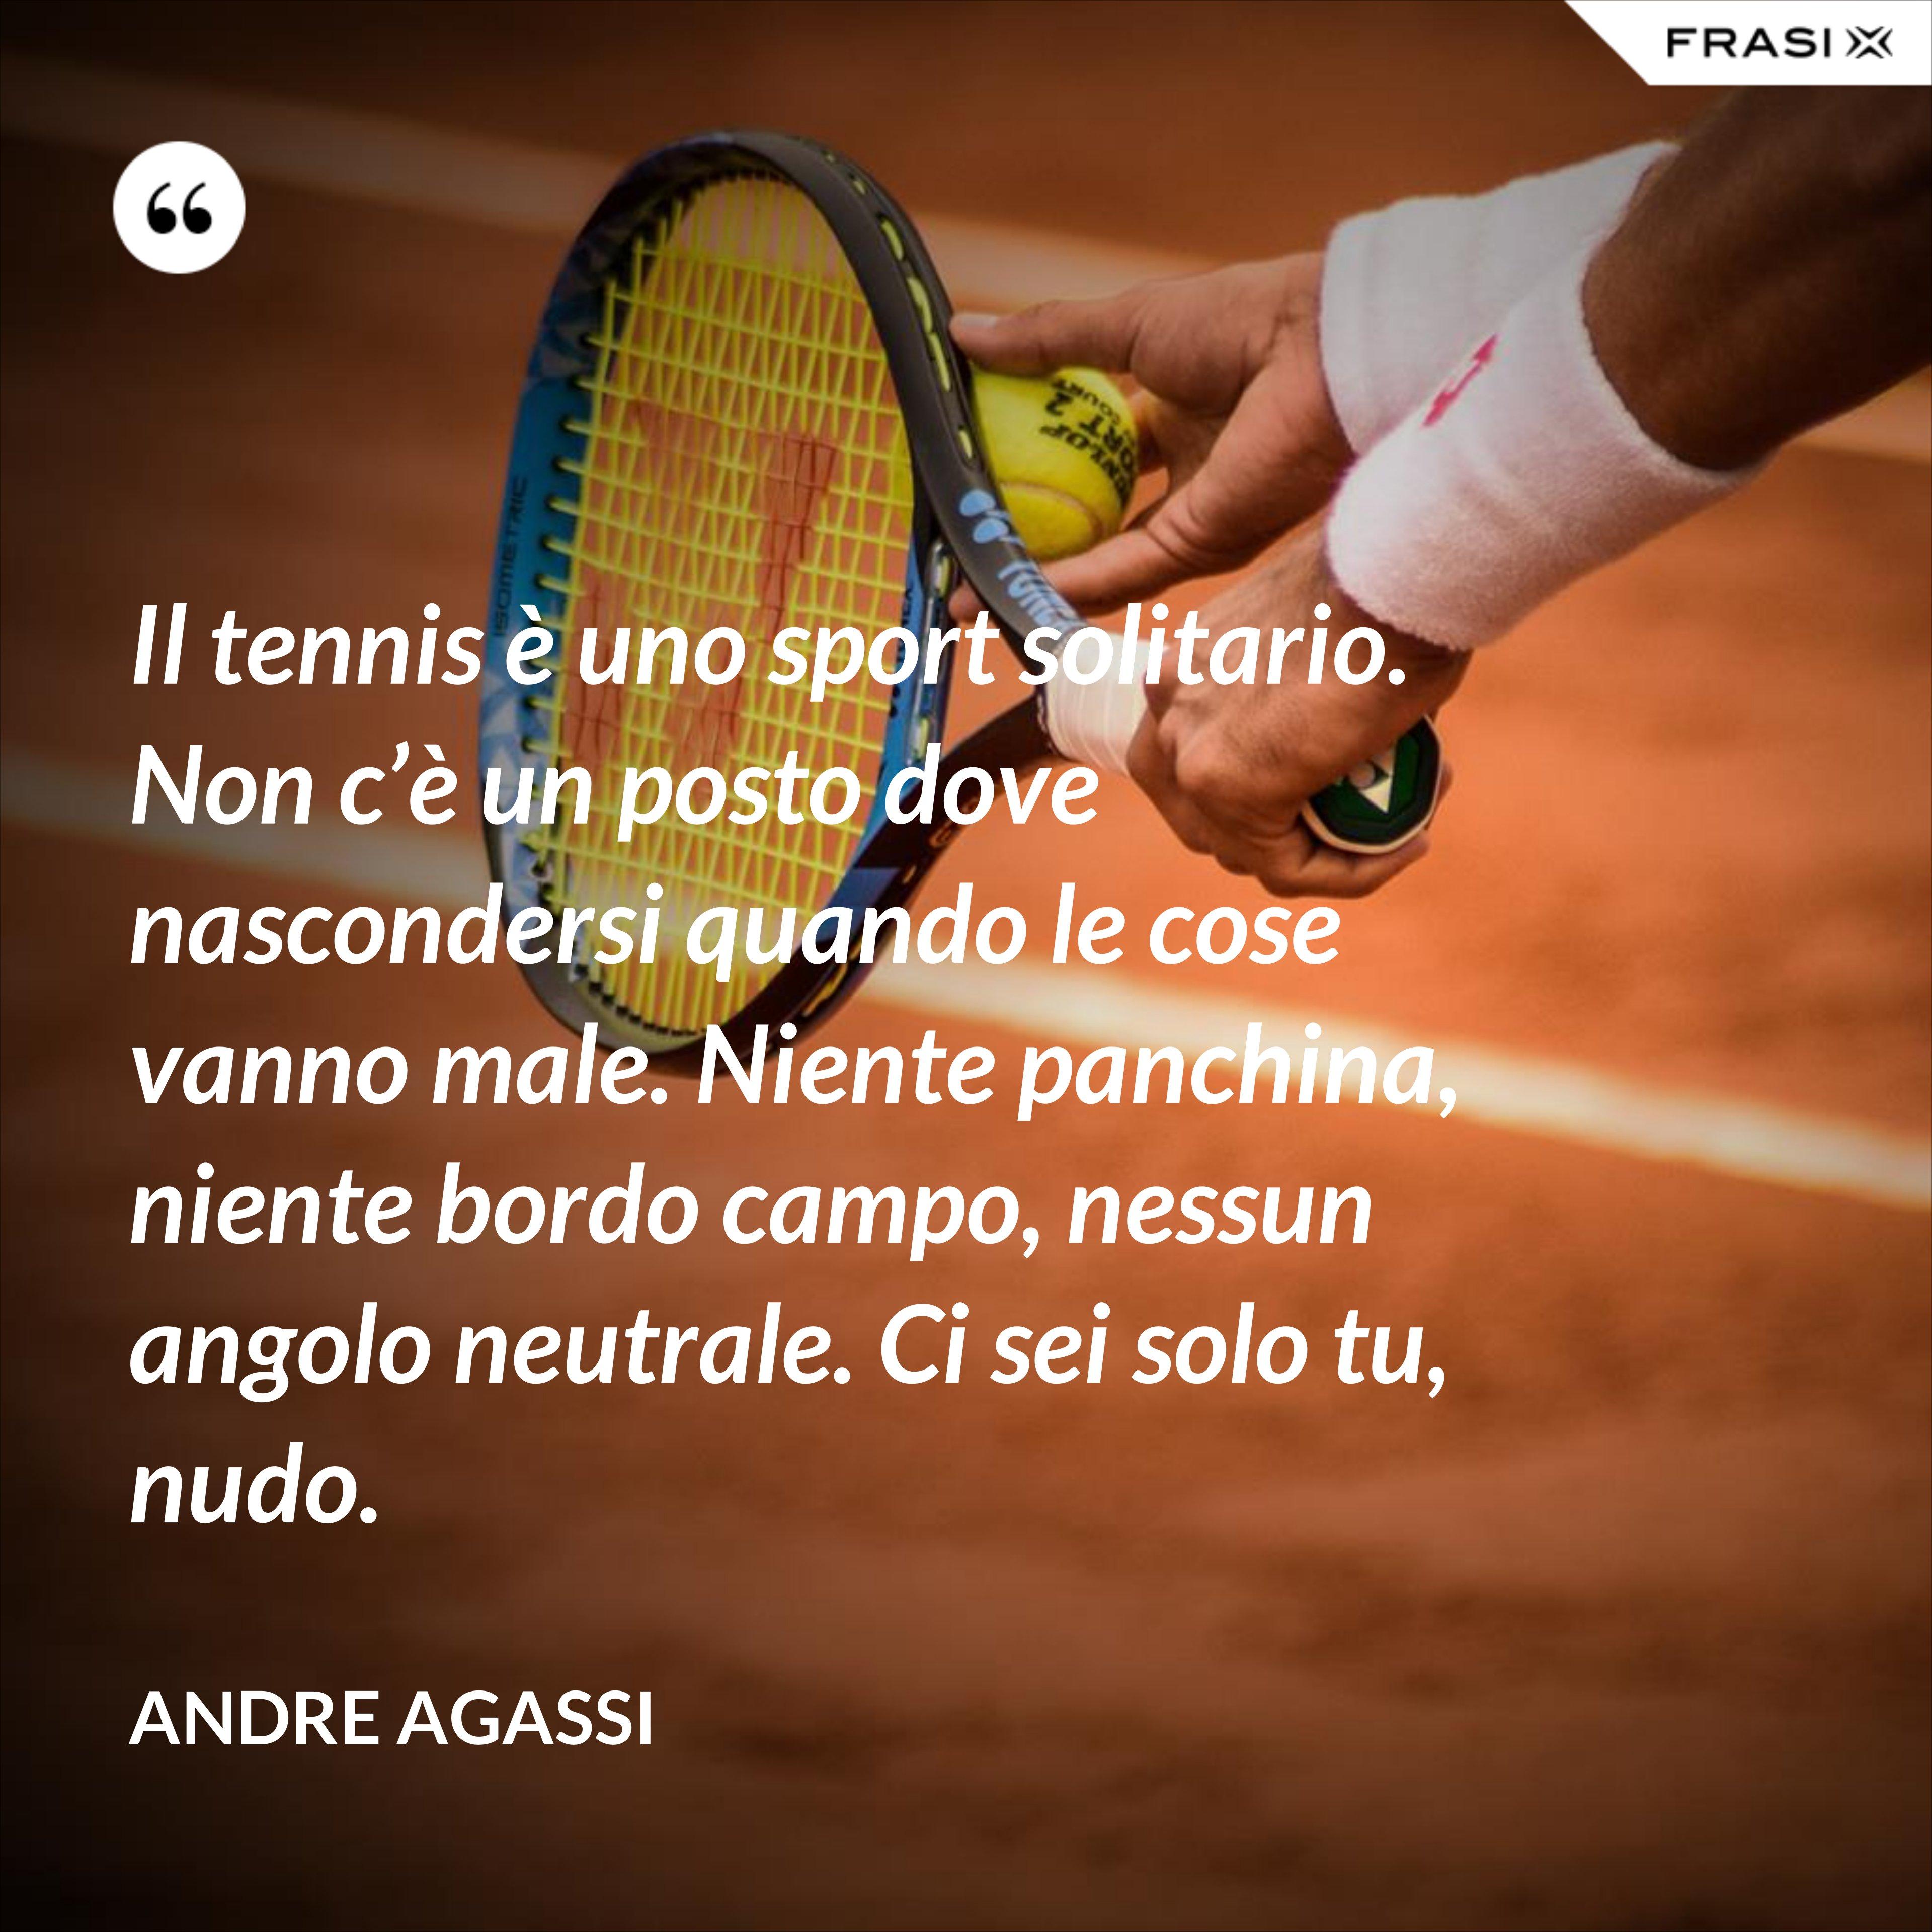 Il tennis è uno sport solitario. Non c'è un posto dove nascondersi quando le cose vanno male. Niente panchina, niente bordo campo, nessun angolo neutrale. Ci sei solo tu, nudo. - Andre Agassi